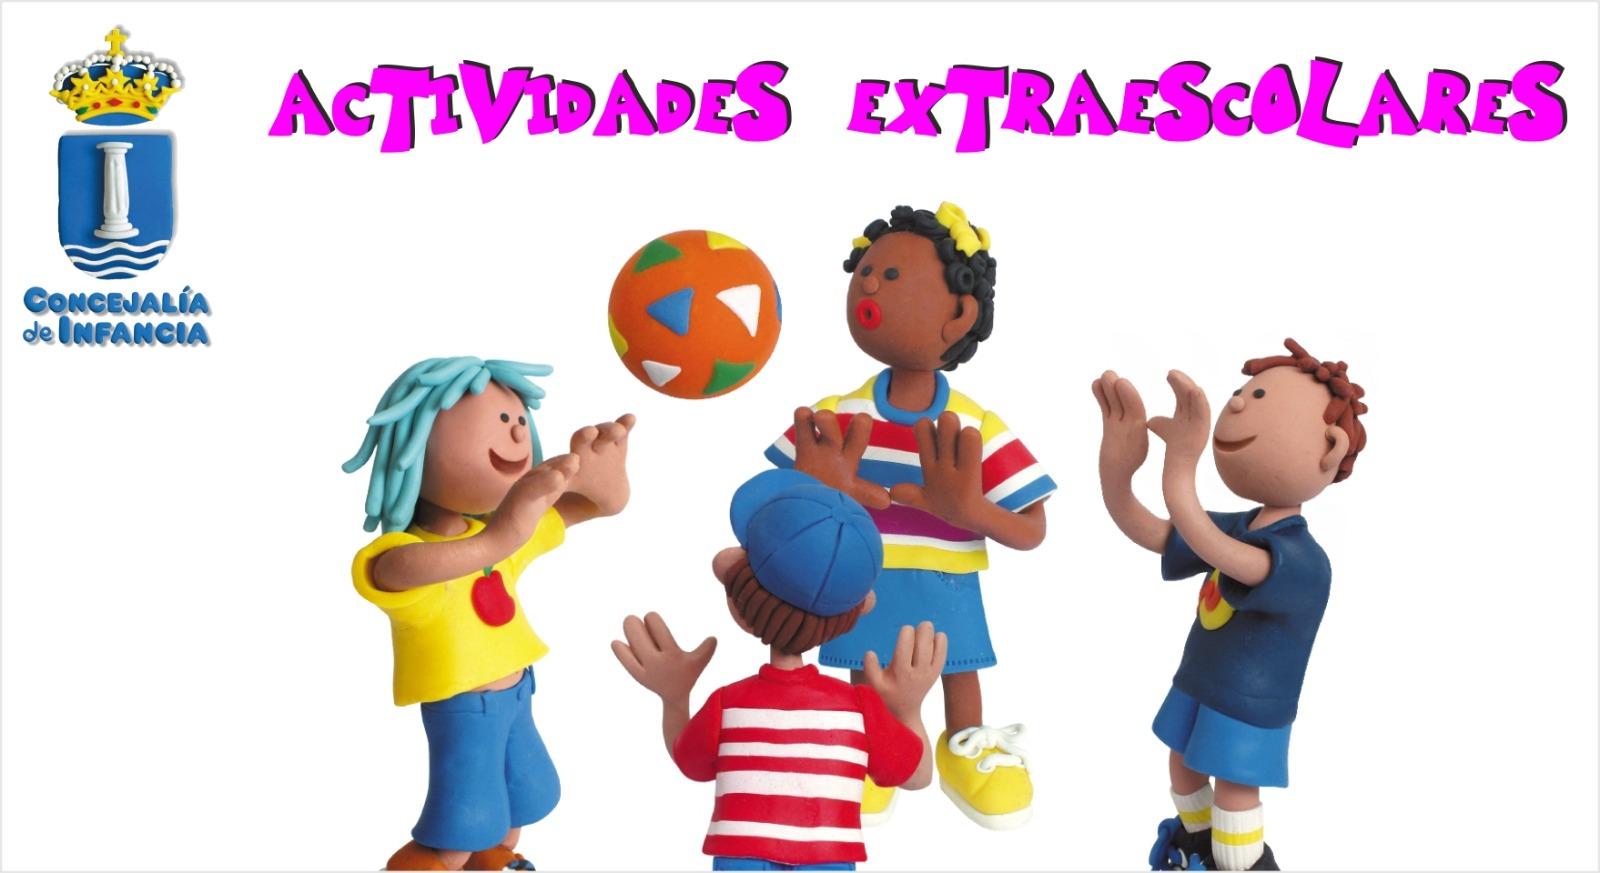 La Concejalía de infancia abre el plazo de inscripción con un amplio programa de actividades extraescolares.